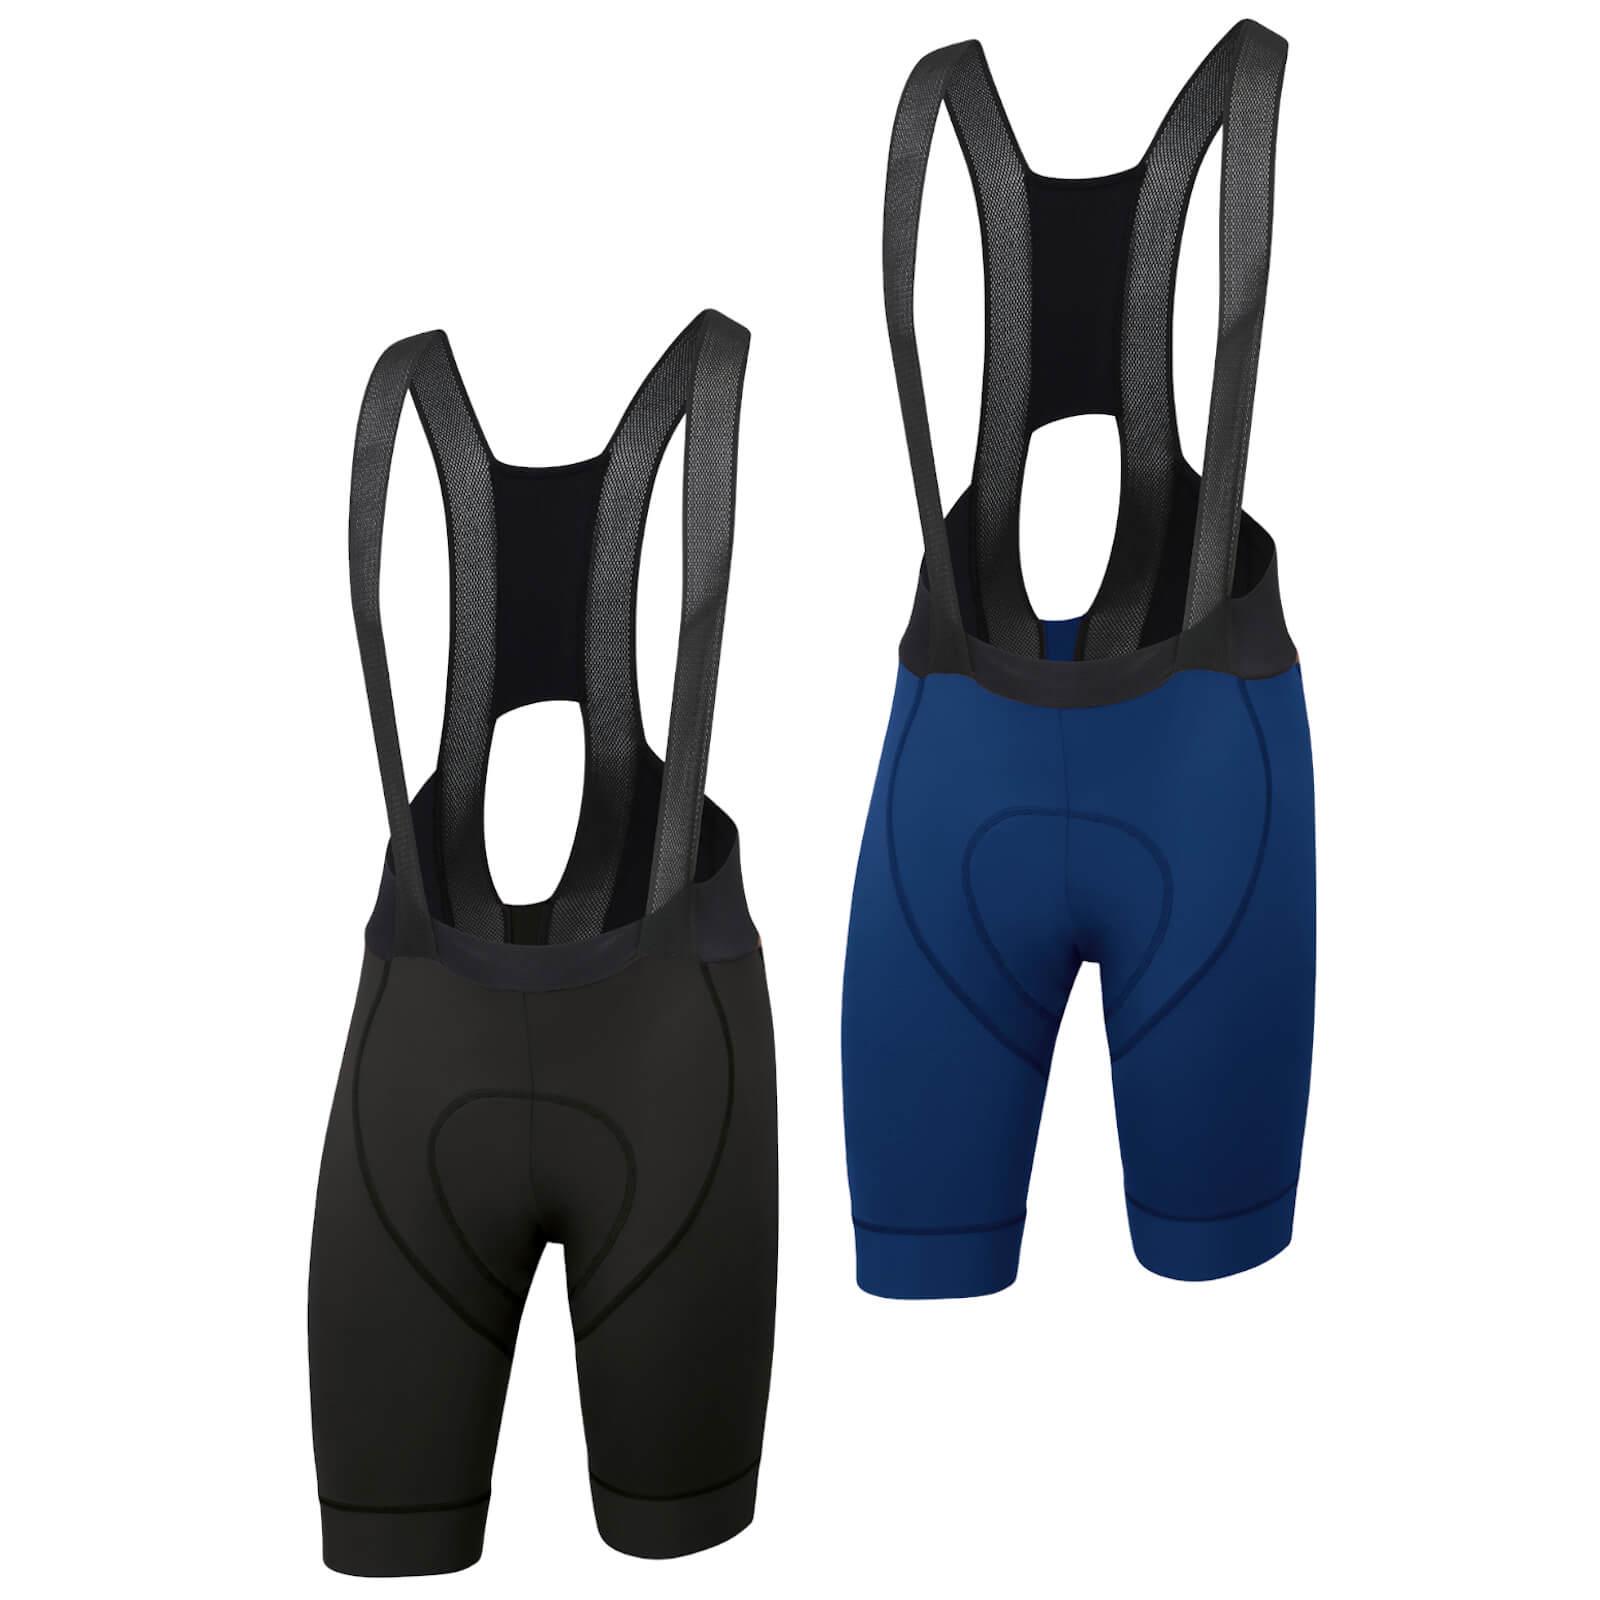 Sportful BodyFit Pro LTD Bib Shorts - L - Blue